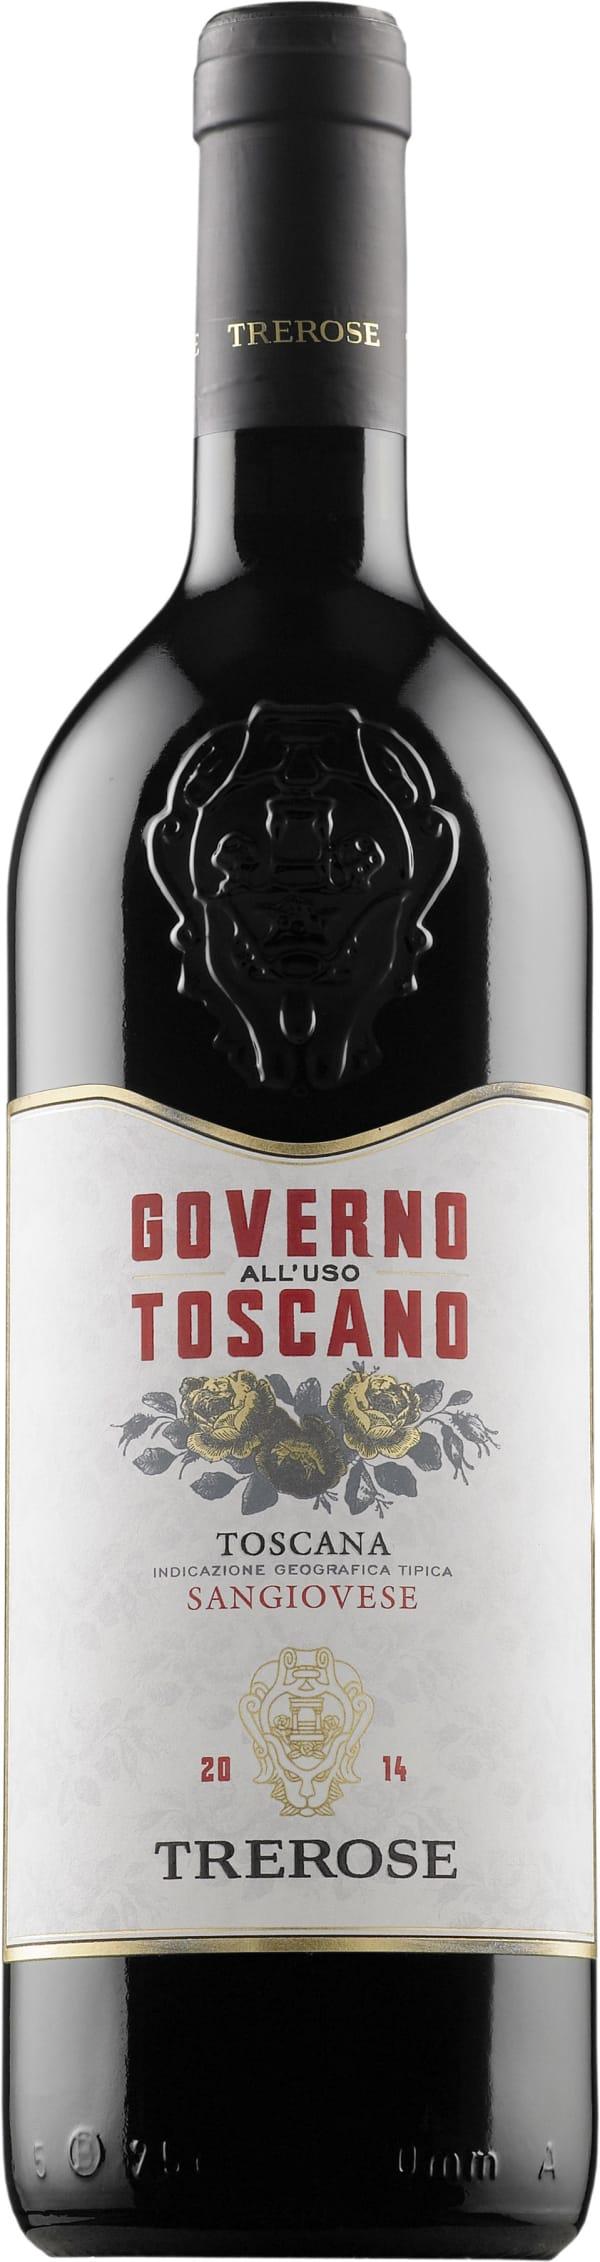 Tre Rose Governo all'Uso Toscano 2014